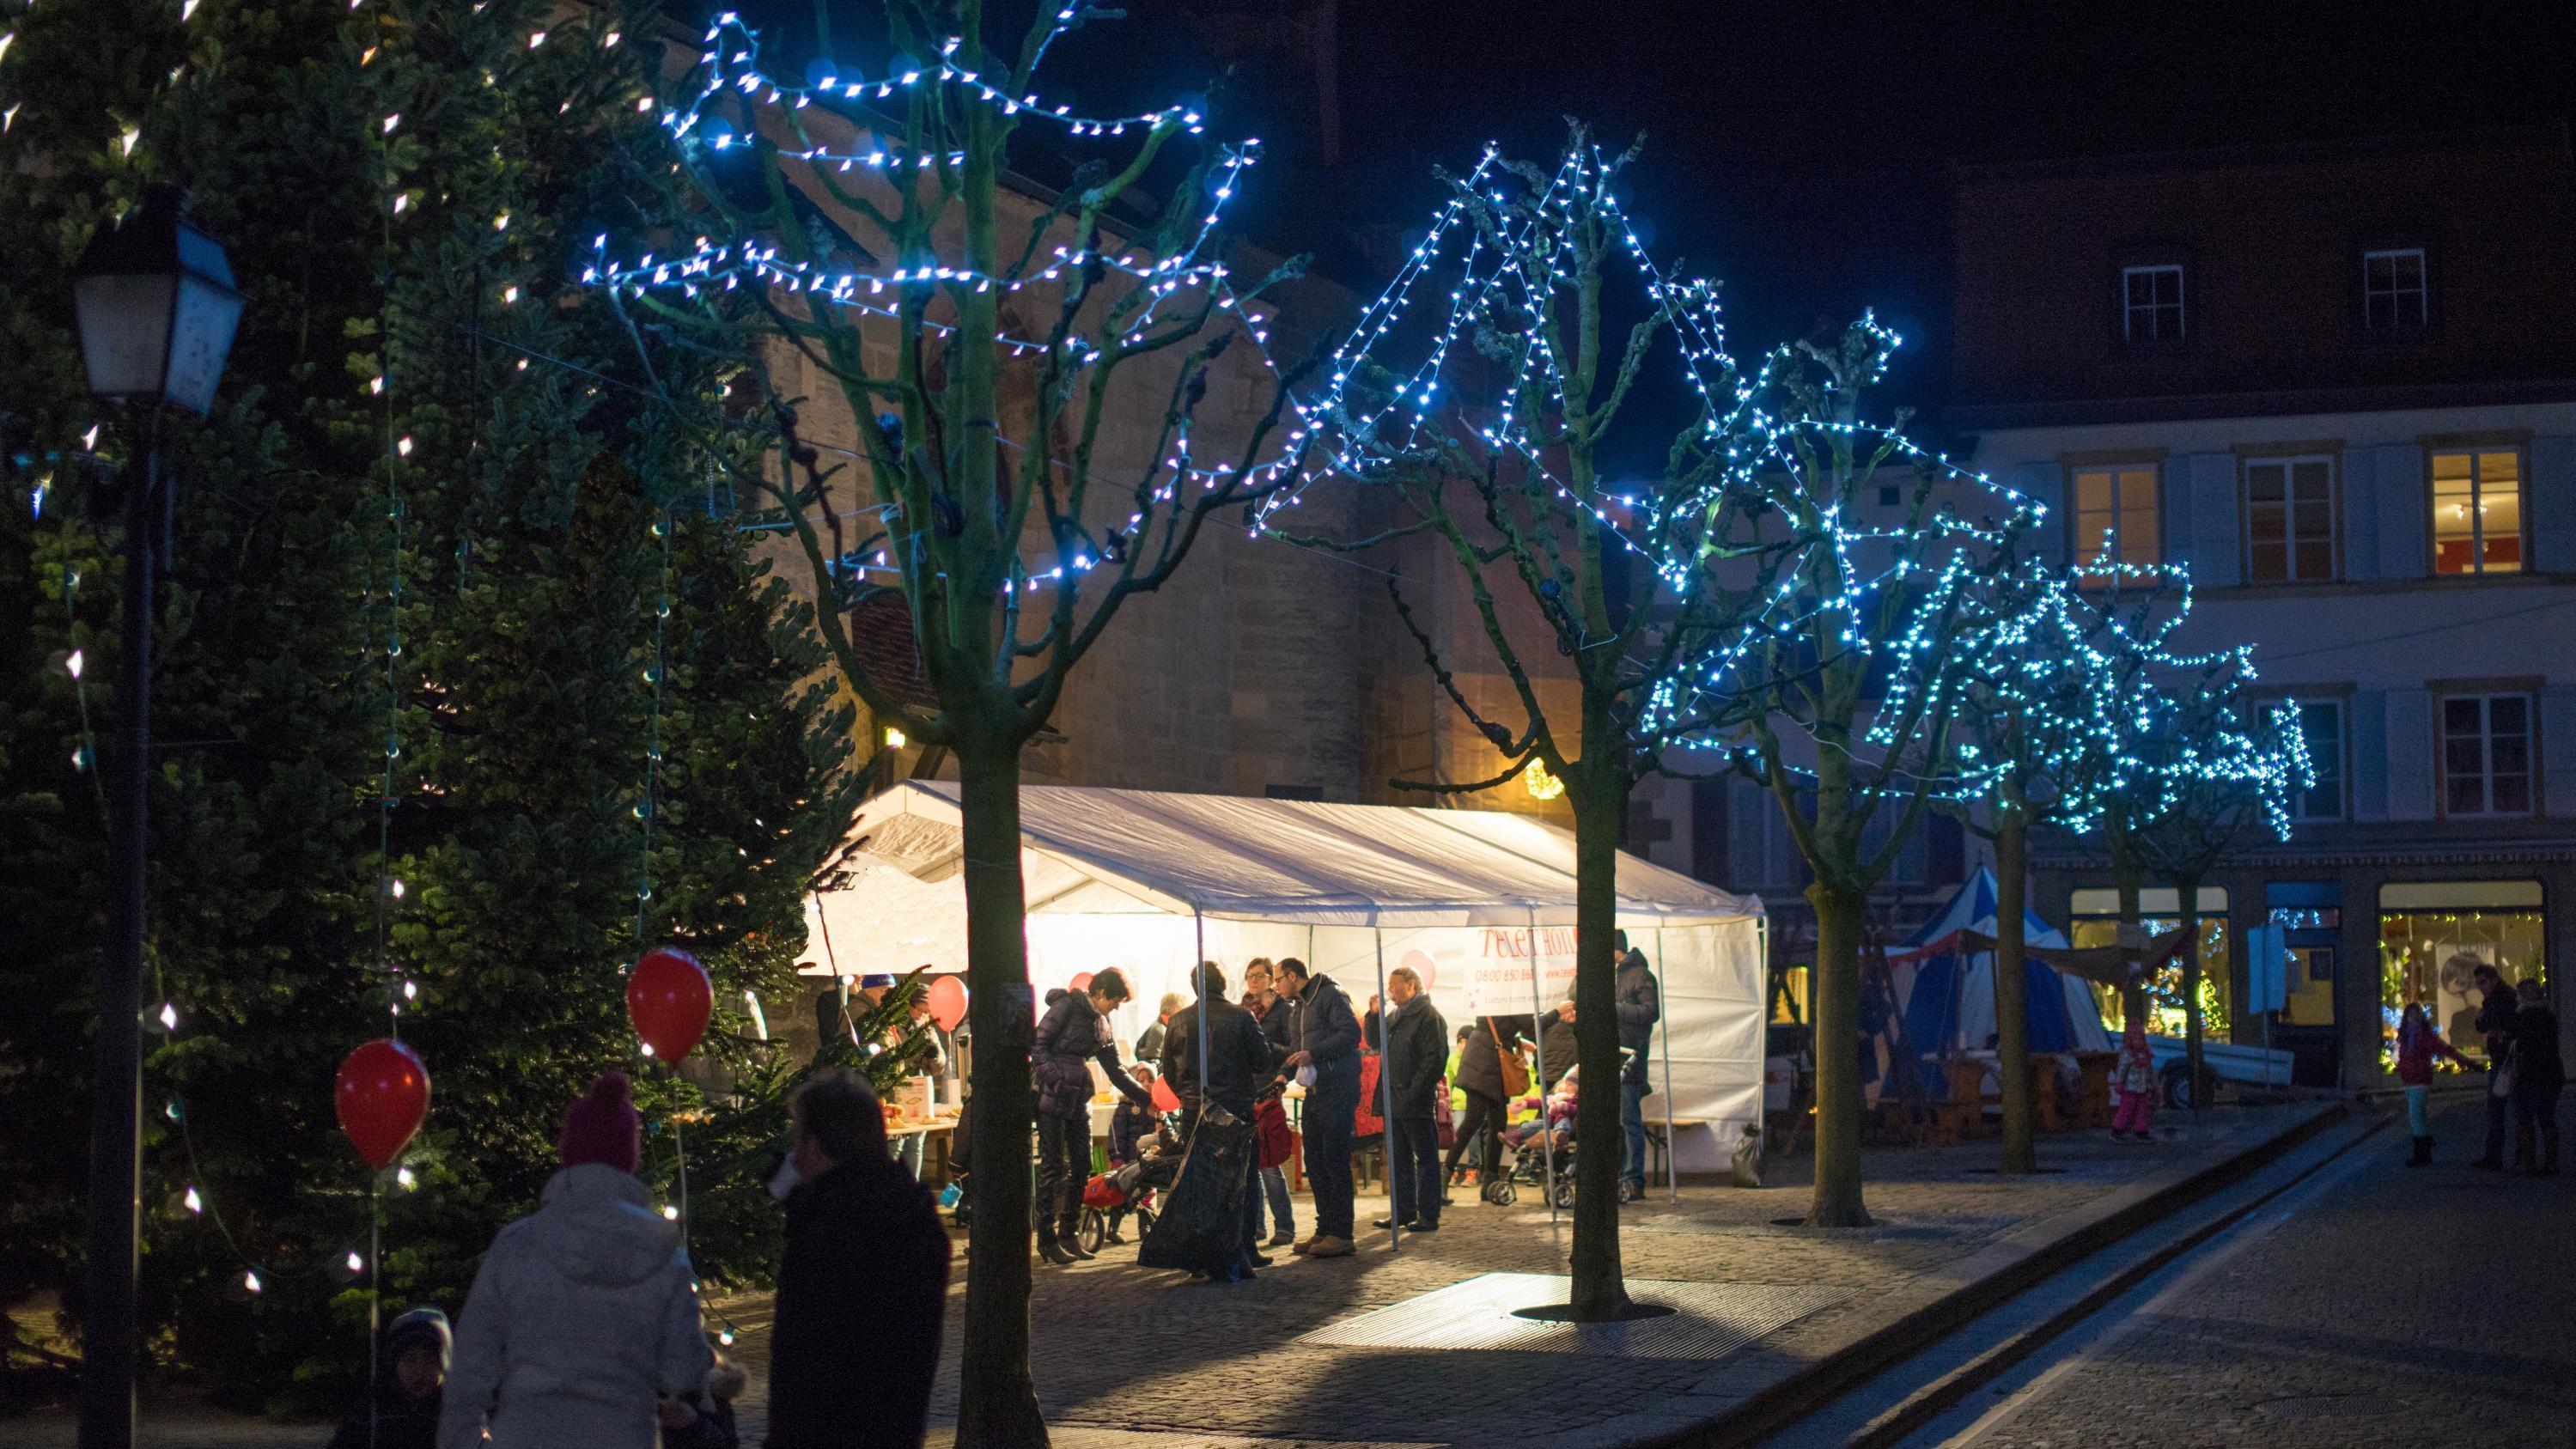 Weihnachtsmarkt Englisch.Weihnachtsmarkt In Estavayer Le Lac